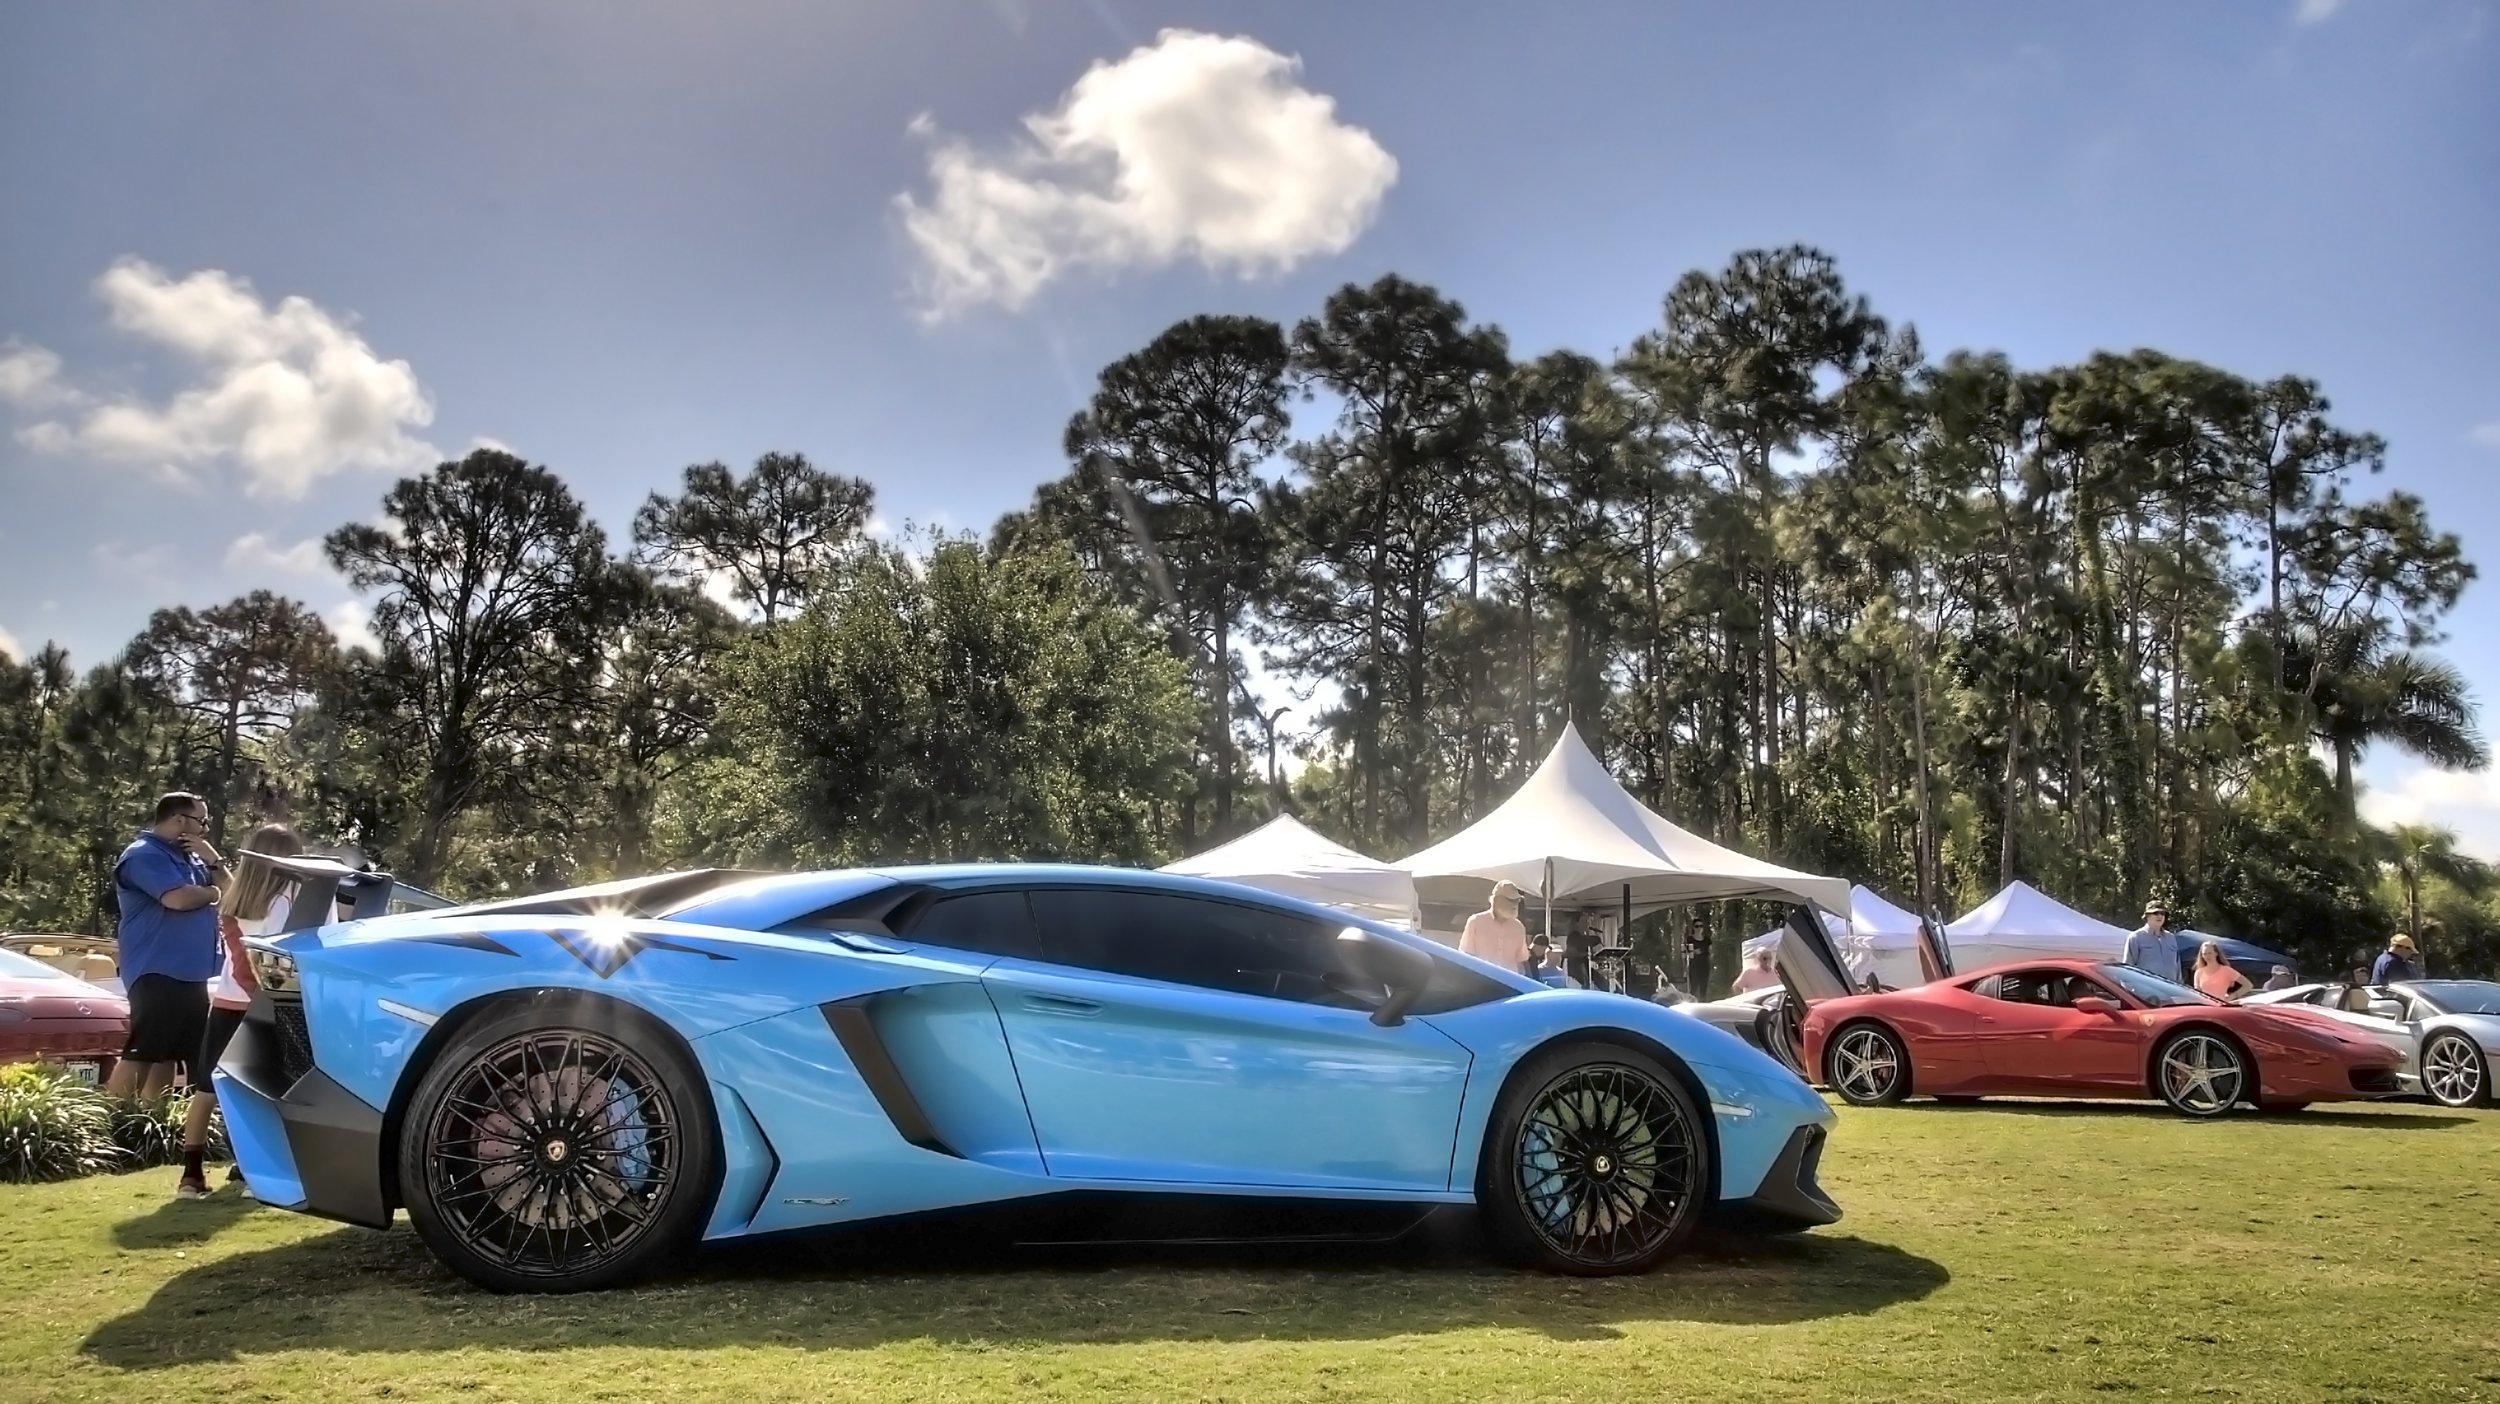 naples-motorfest-4-23-2016-cars-60702And8more_tonemapped.jpg